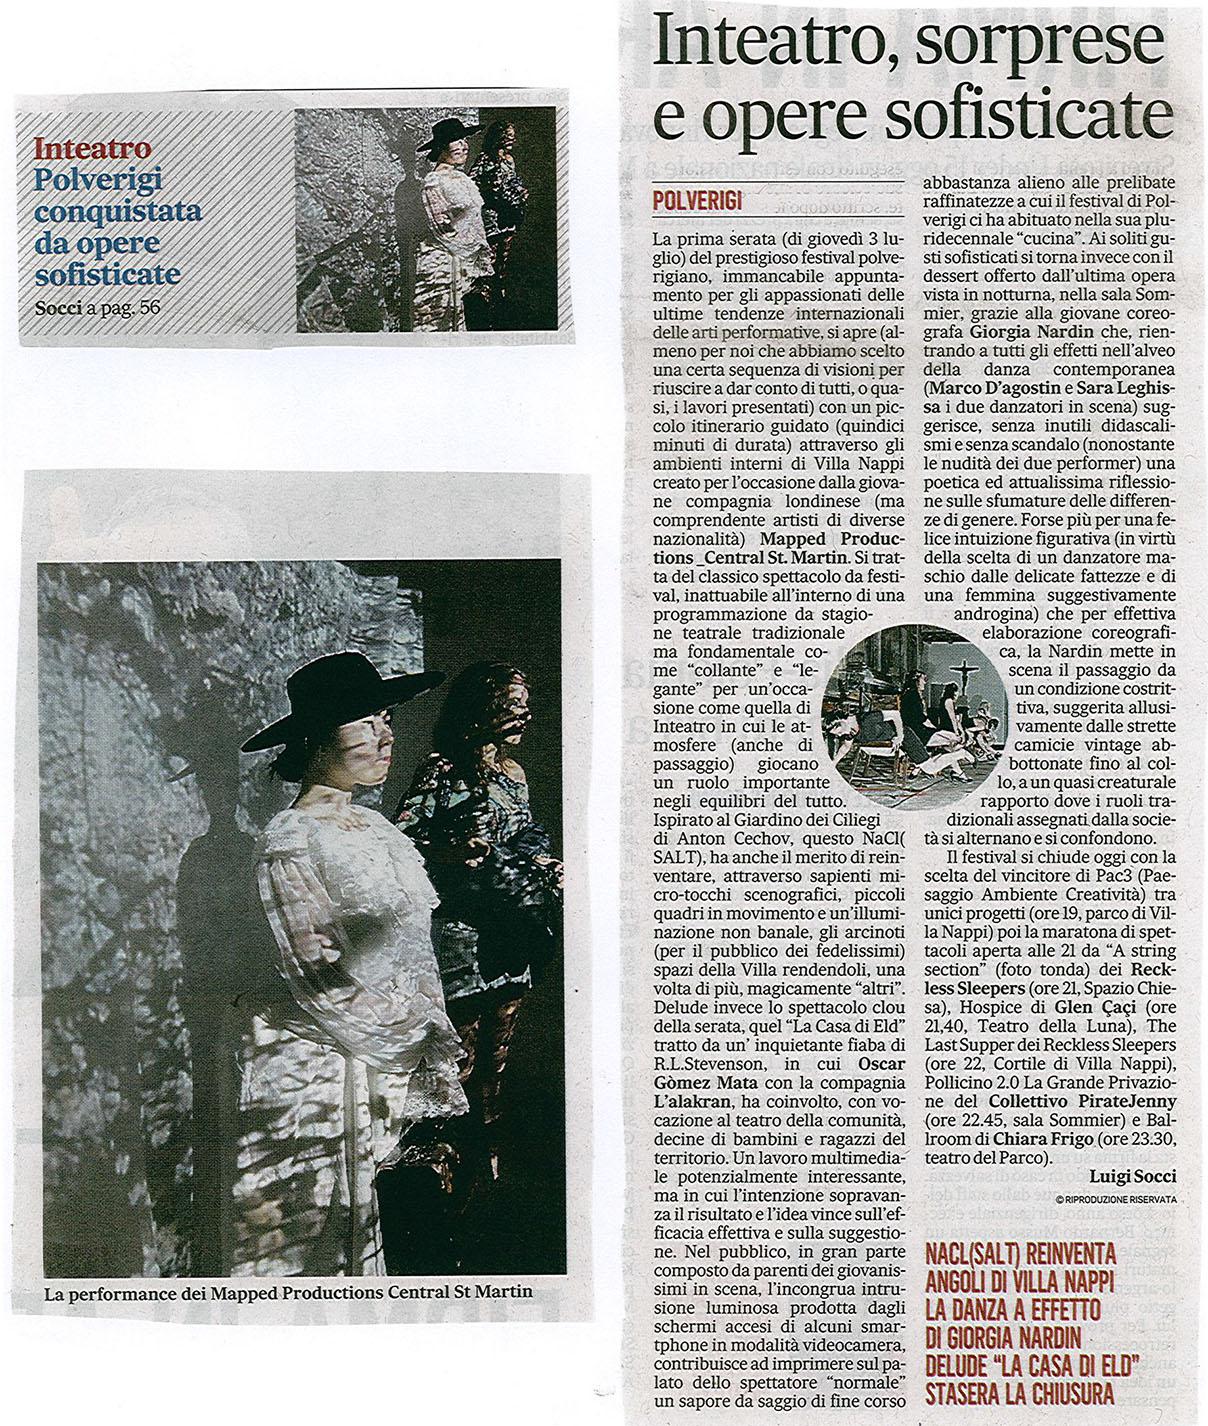 2014.07.05 Inteatro, soprese e opere sofisticate - Il Messaggero